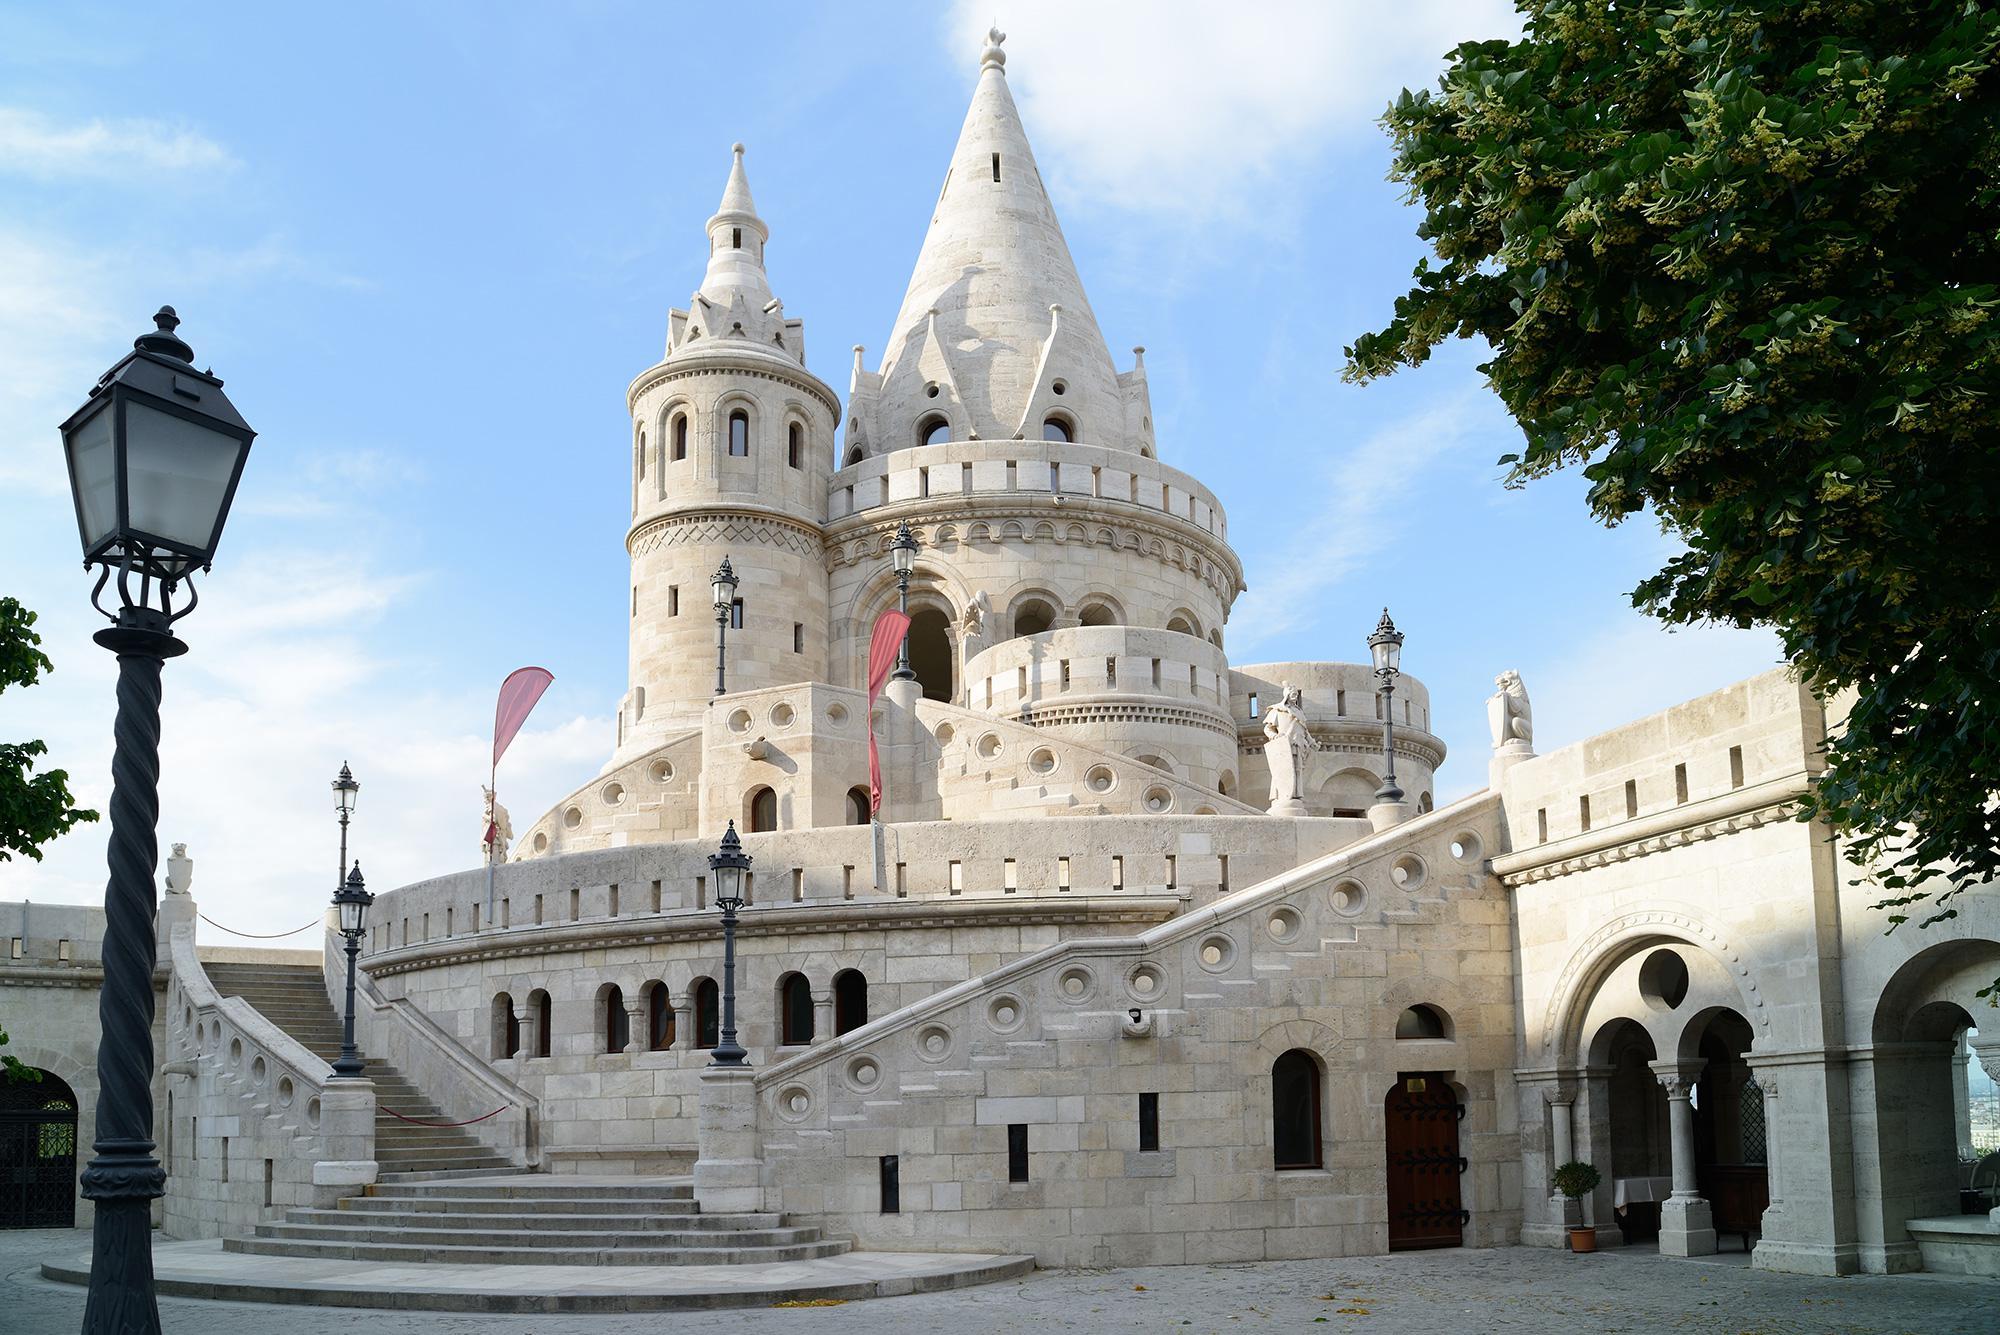 Βουδαπέστη, το διαμάντι του Δούναβη | Ταξίδια